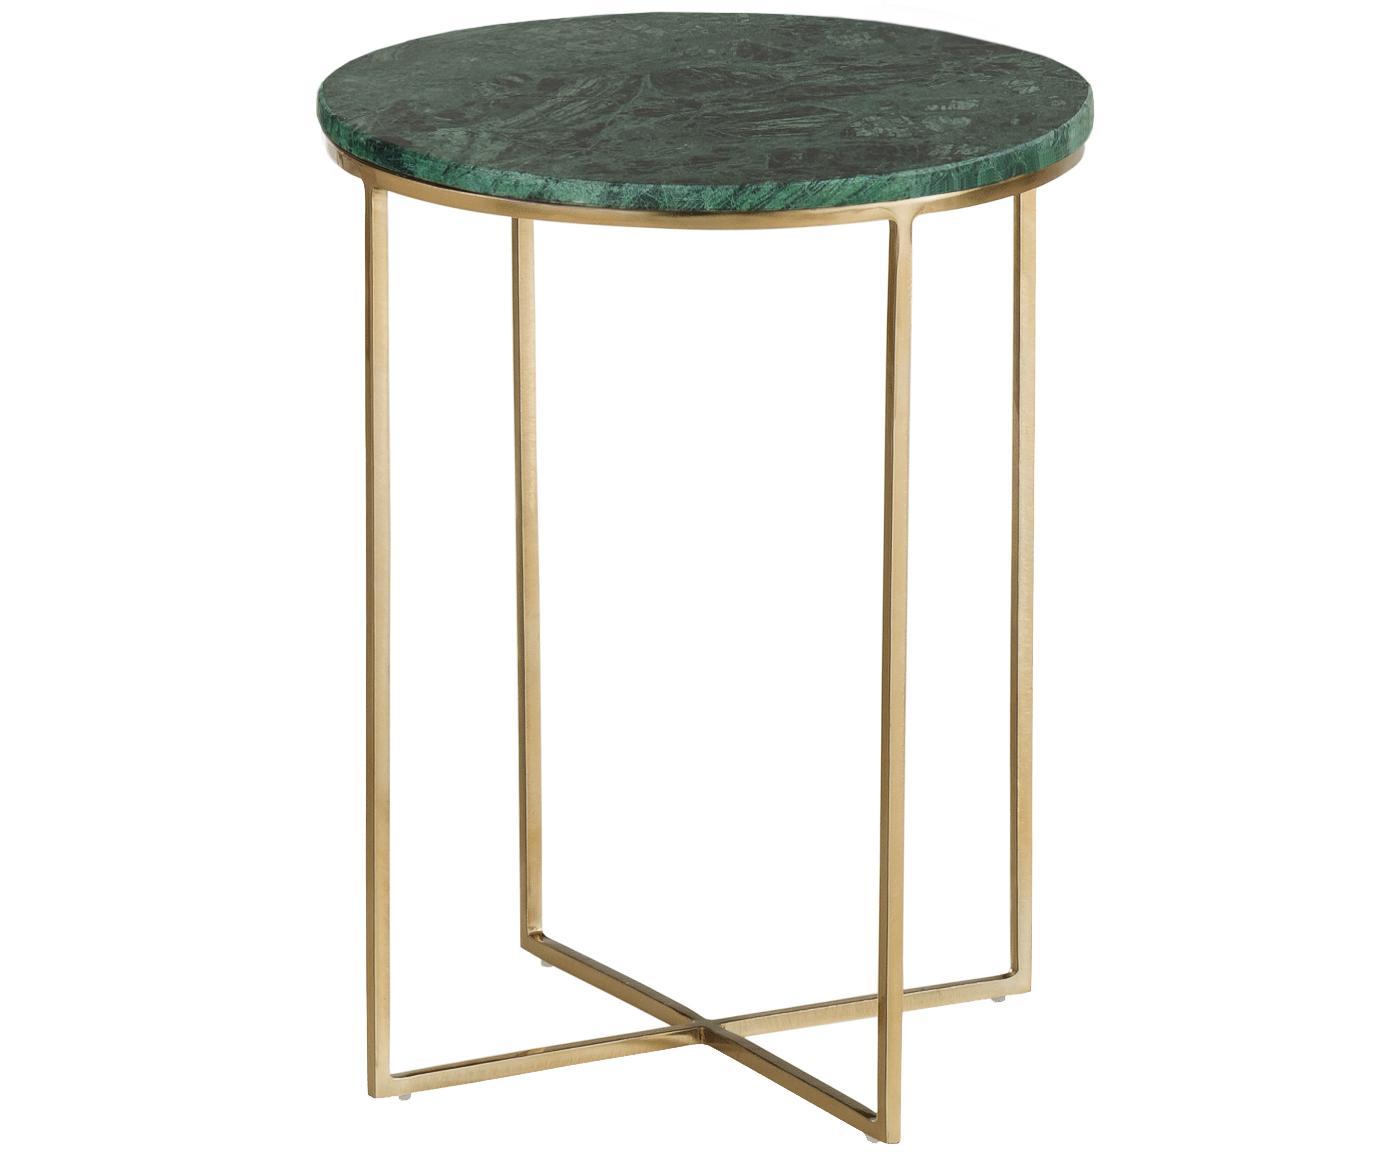 Mesa auxiliar de mármol redonda Alys, Tablero: mármol natural, Estructura: metal con pintura en polv, Mármol verde, dorado, Ø 40 x Al 50 cm